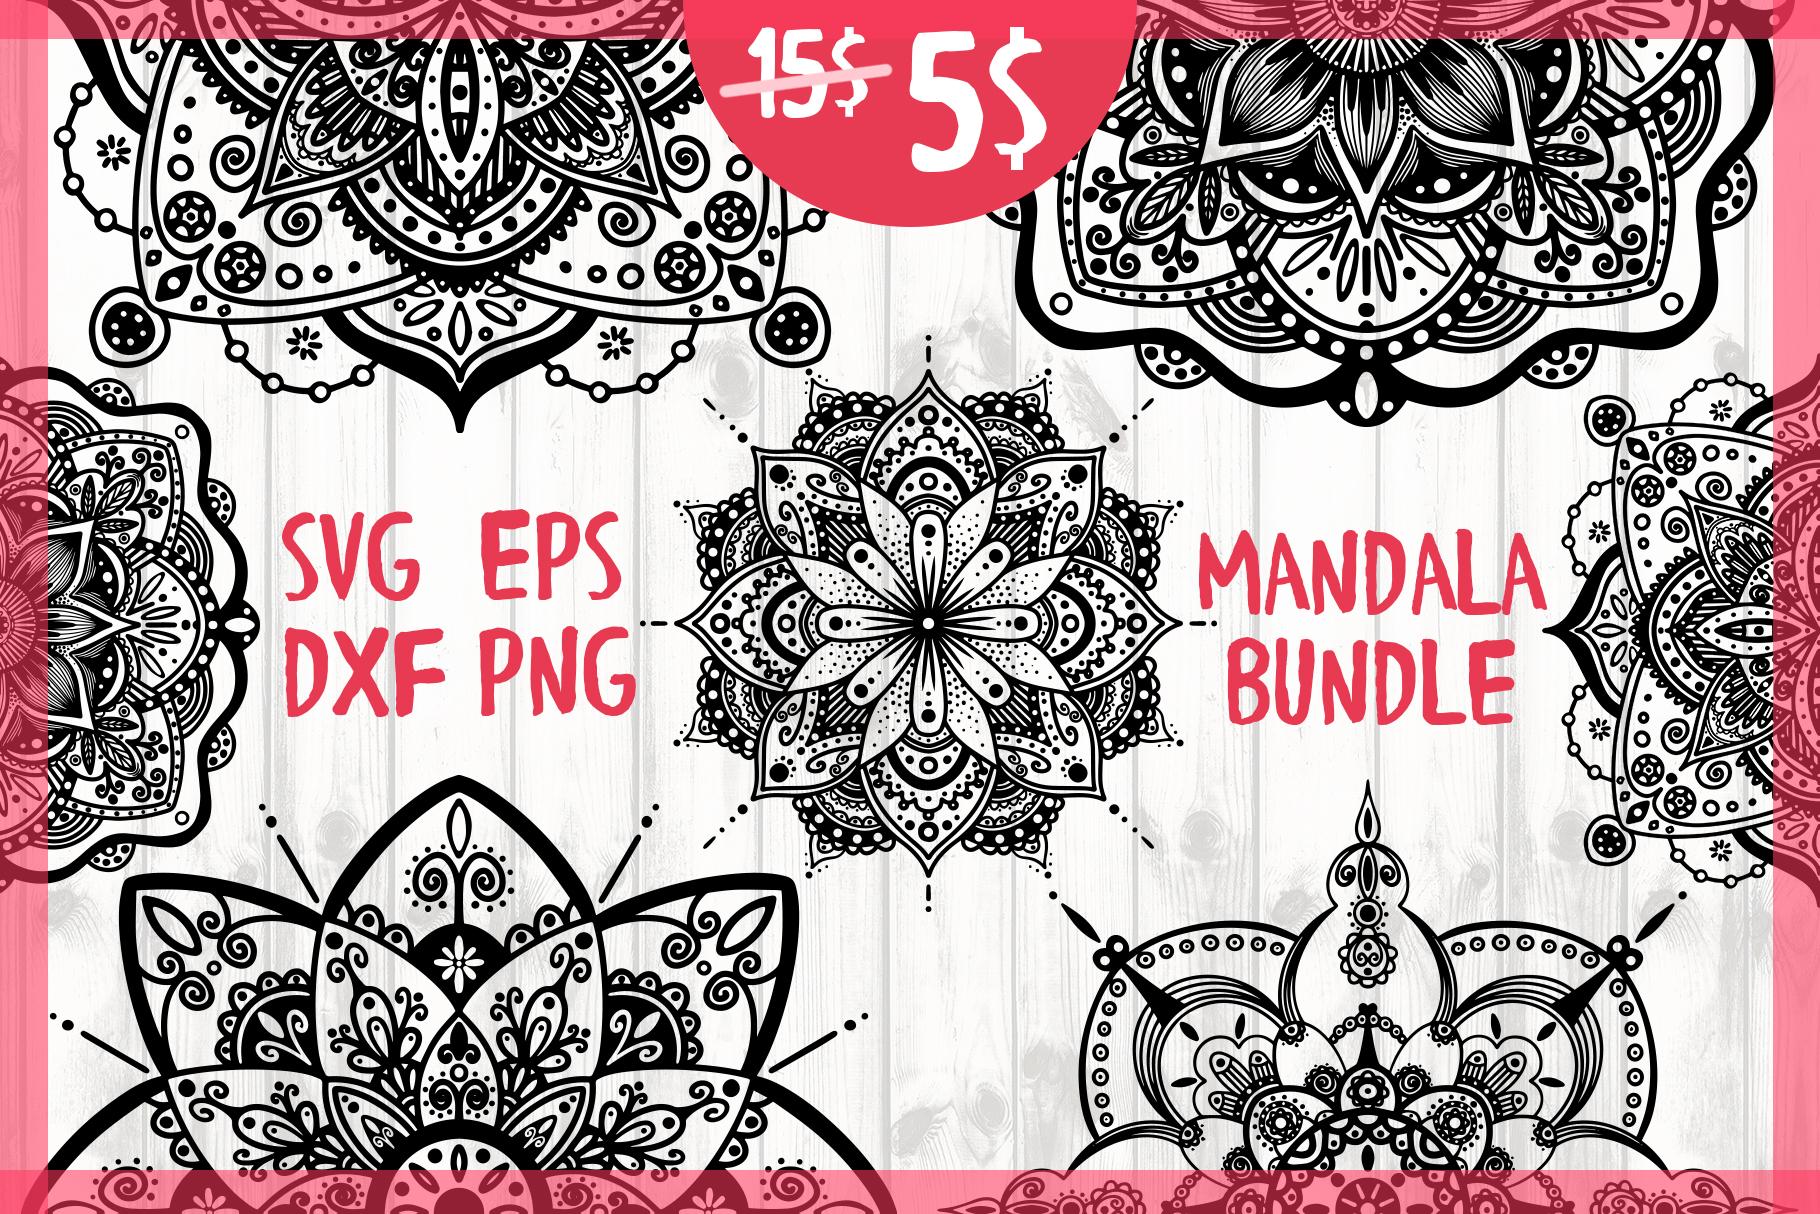 Mandala Bundle example image 1